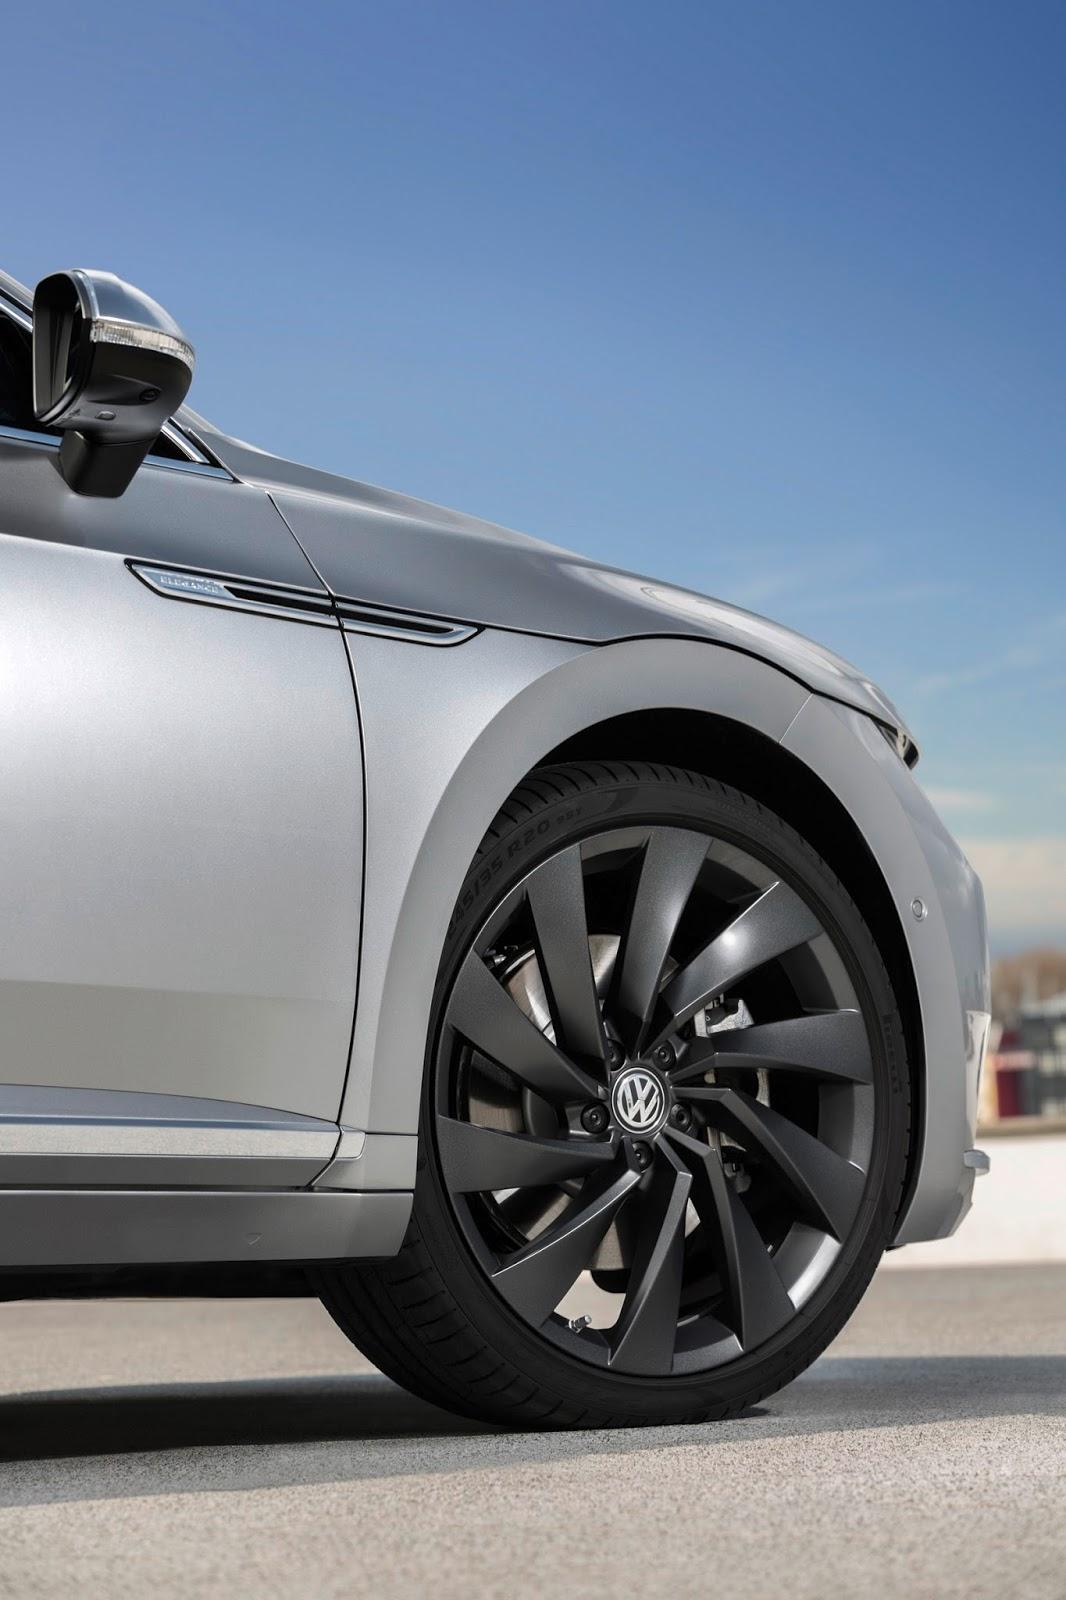 Volkswagen Arteon 2018 (64)